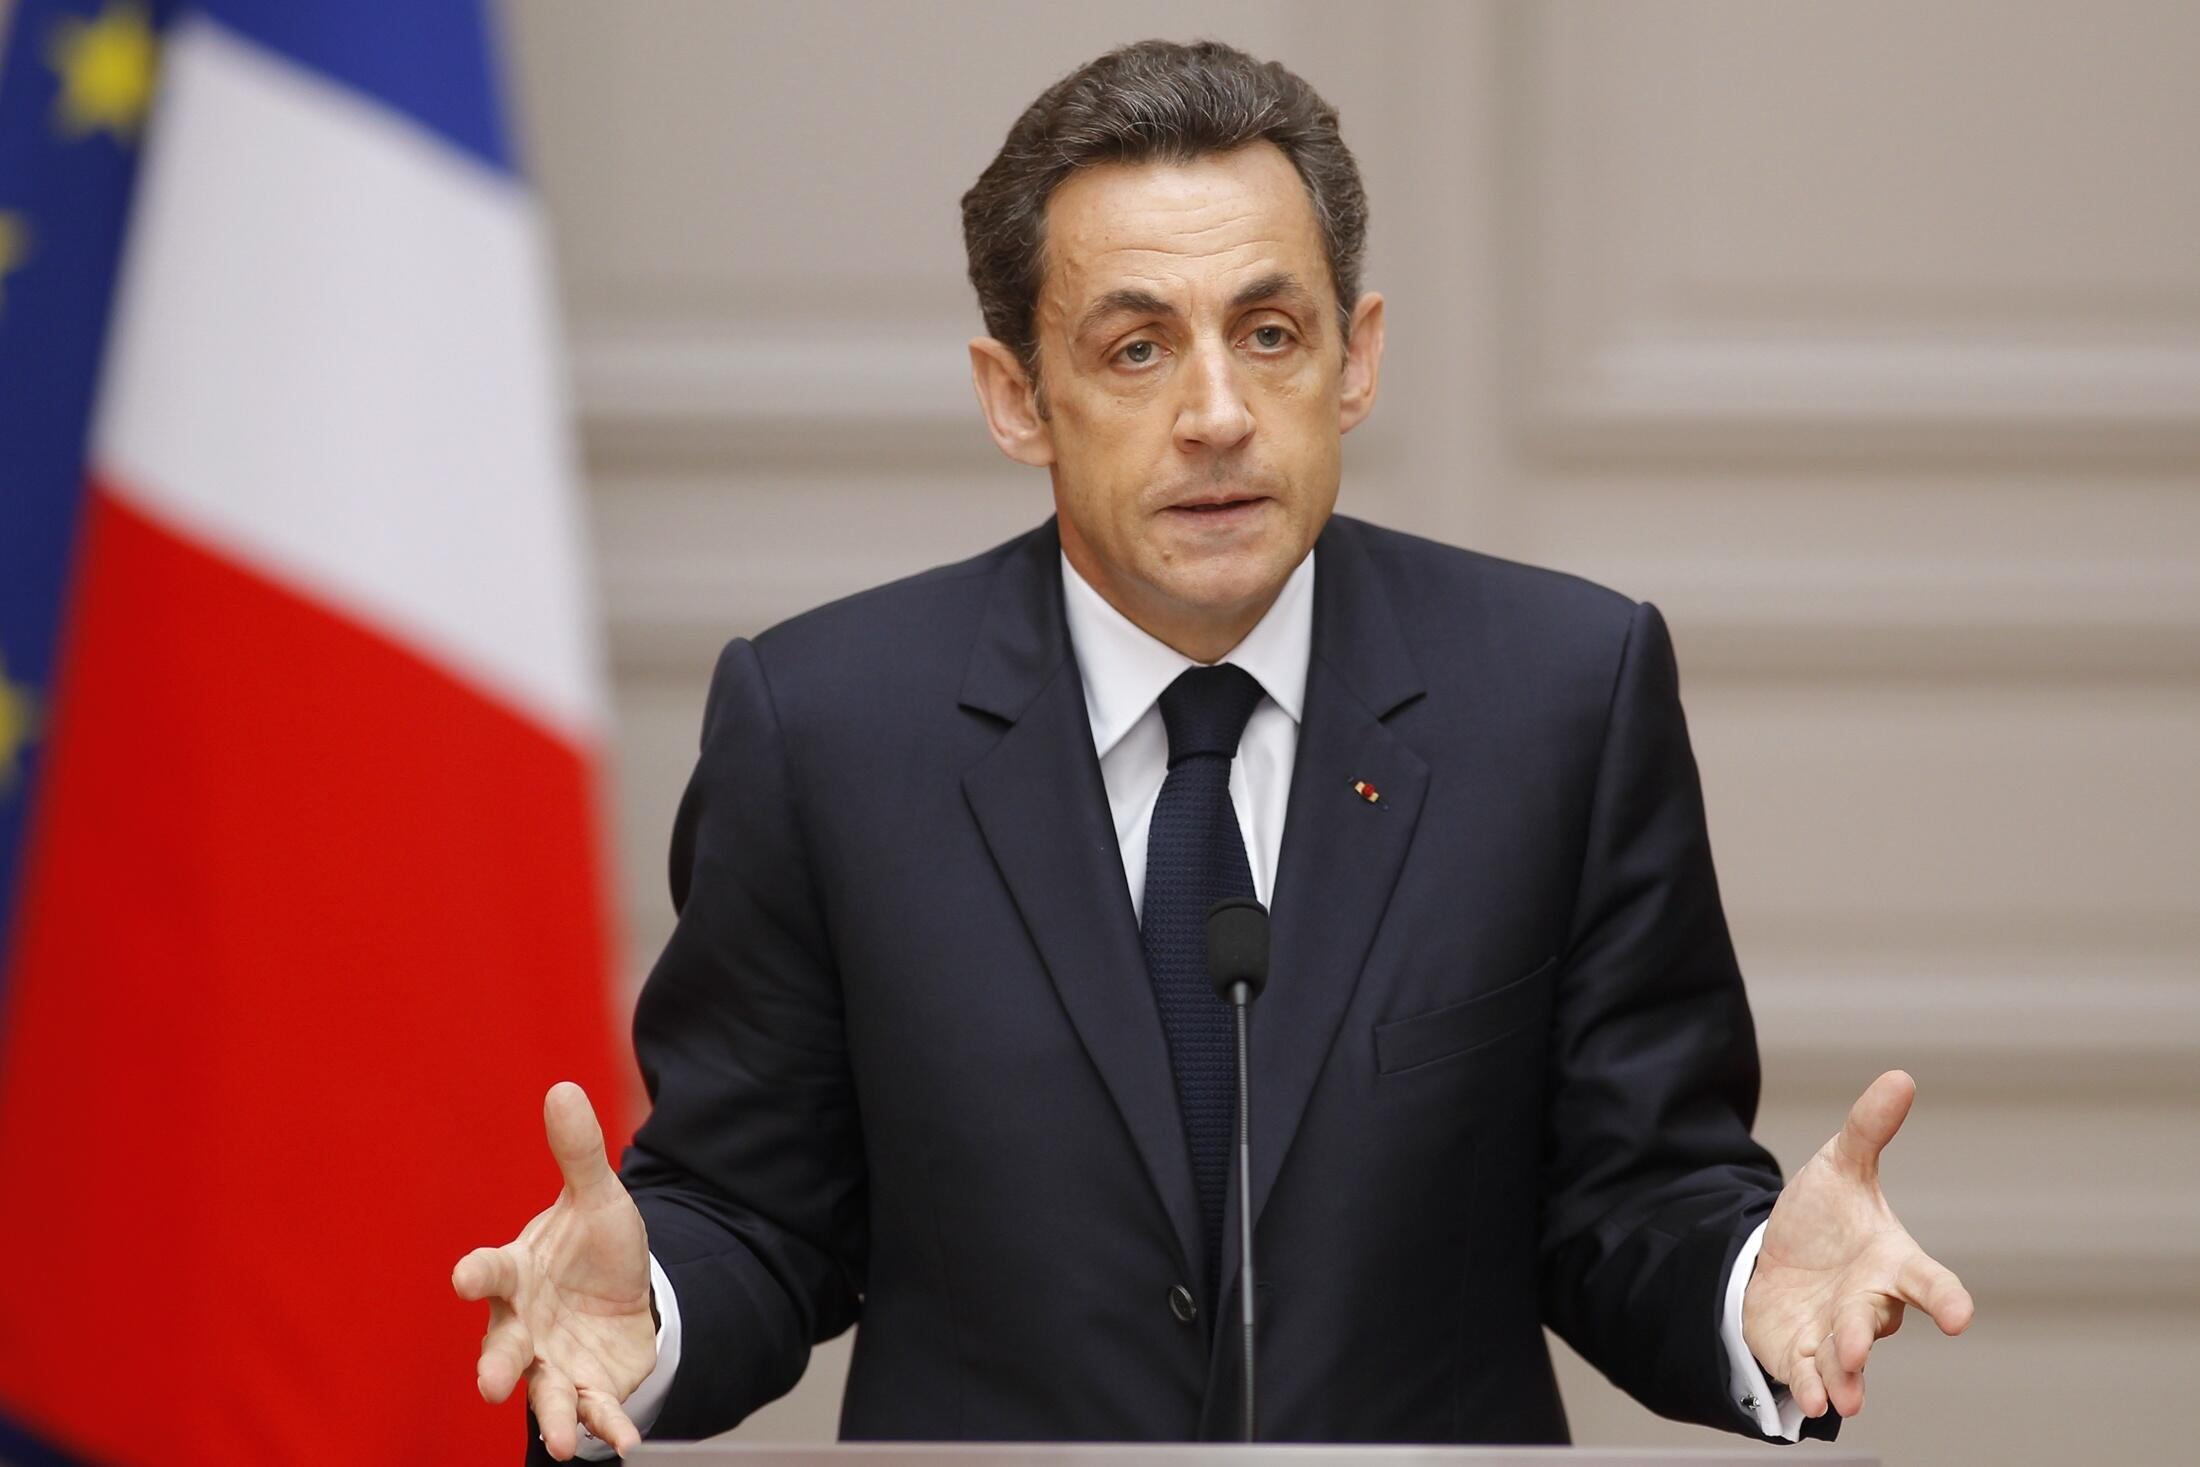 Allocution du président français Nicolas Sarkozy le 24 mars 2010.